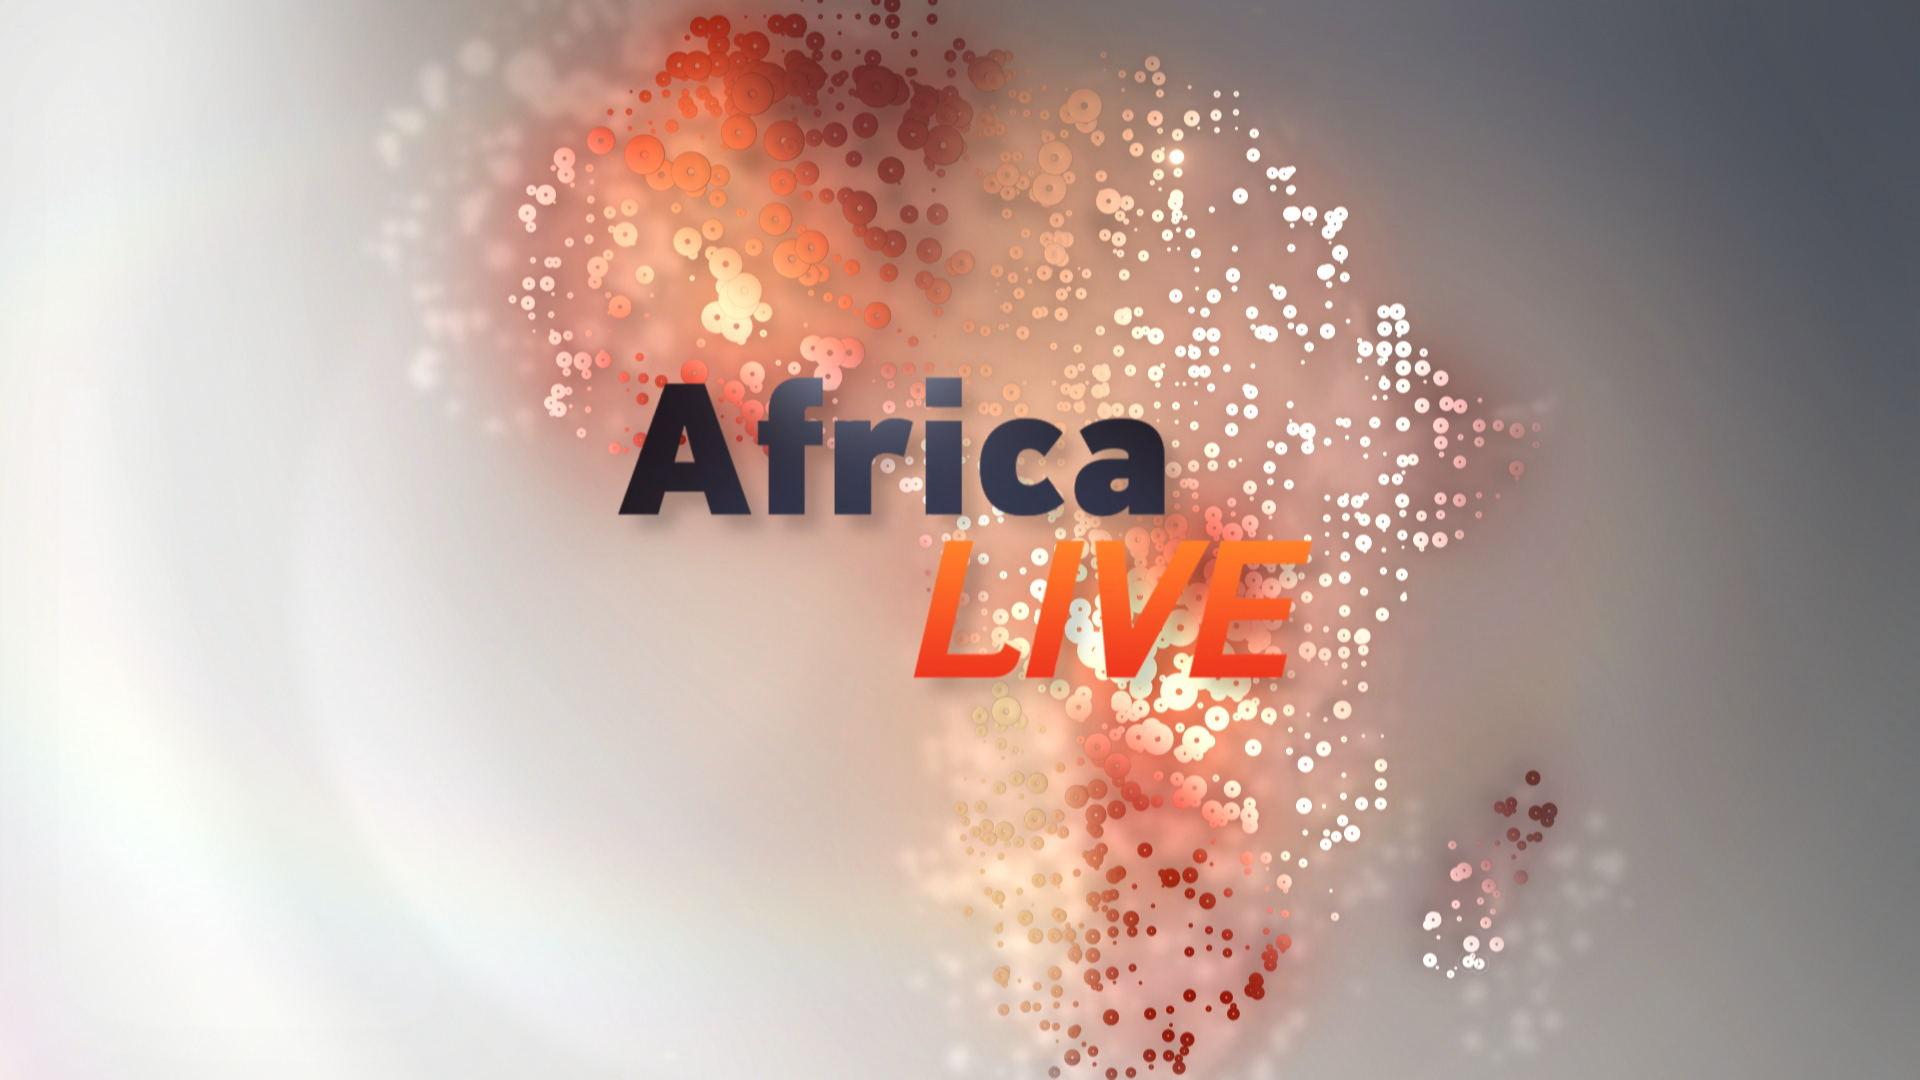 Truyền thông Trung Quốc và nỗ lực giành ảnh hưởng ở châu Phi